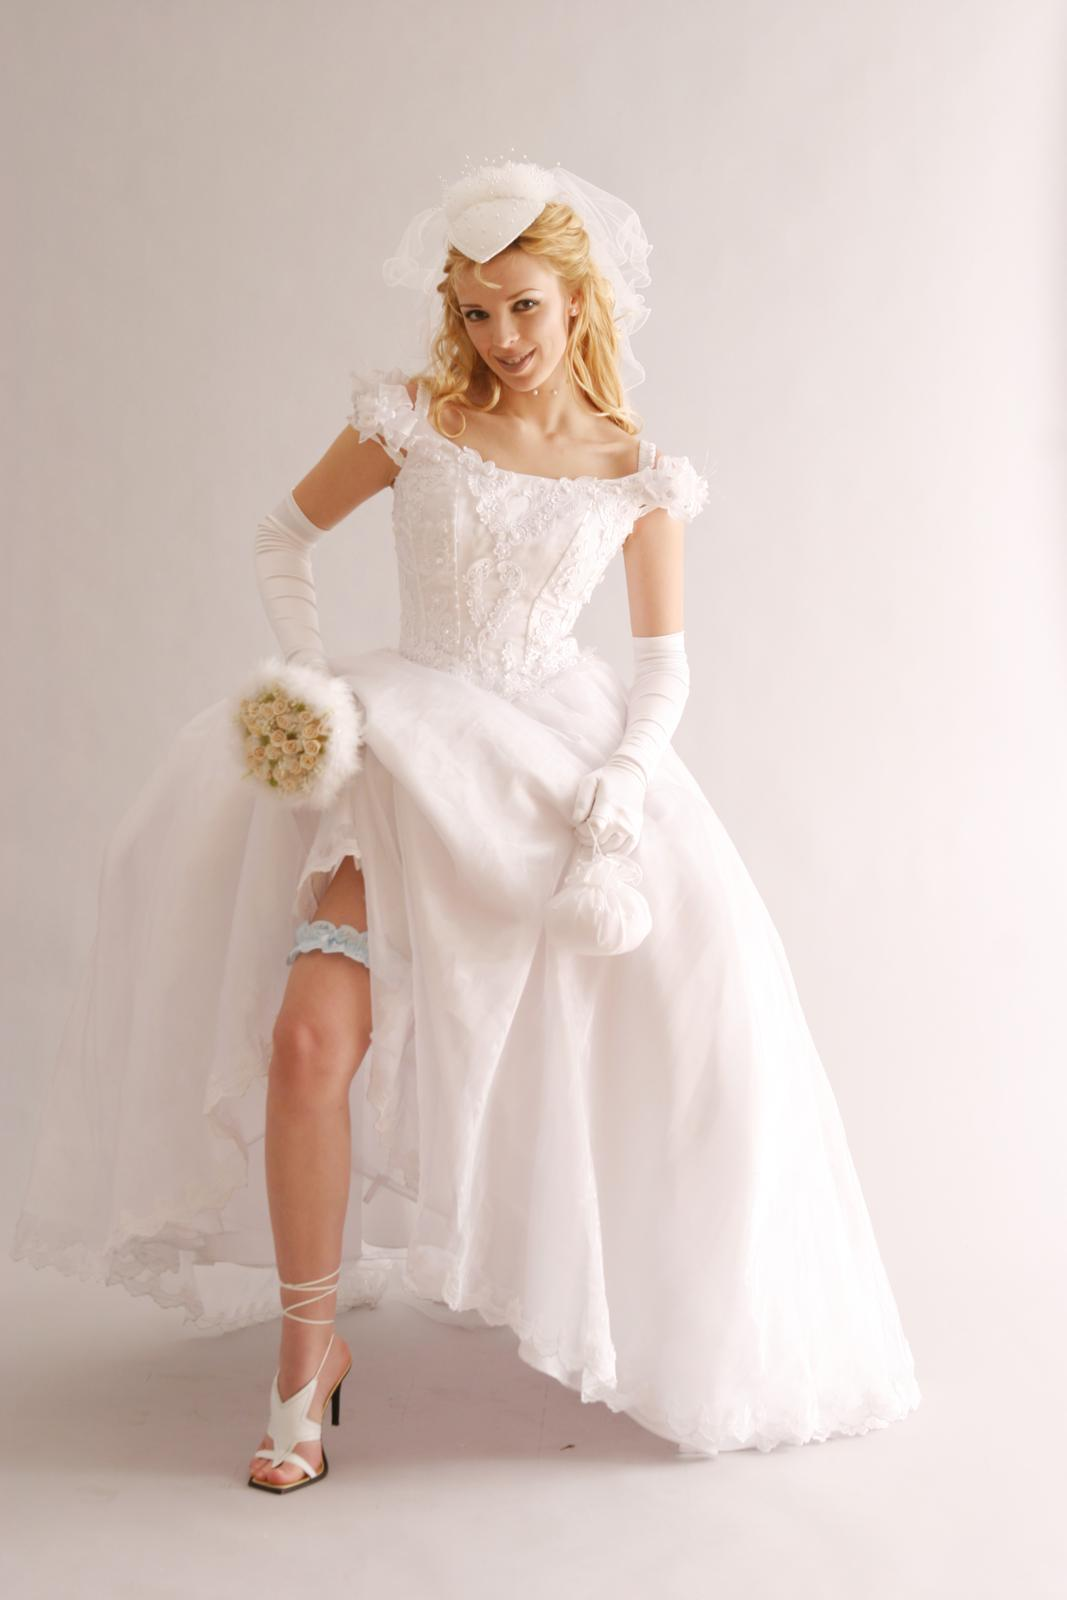 princeznovske svadobne saty - Obrázok č. 4